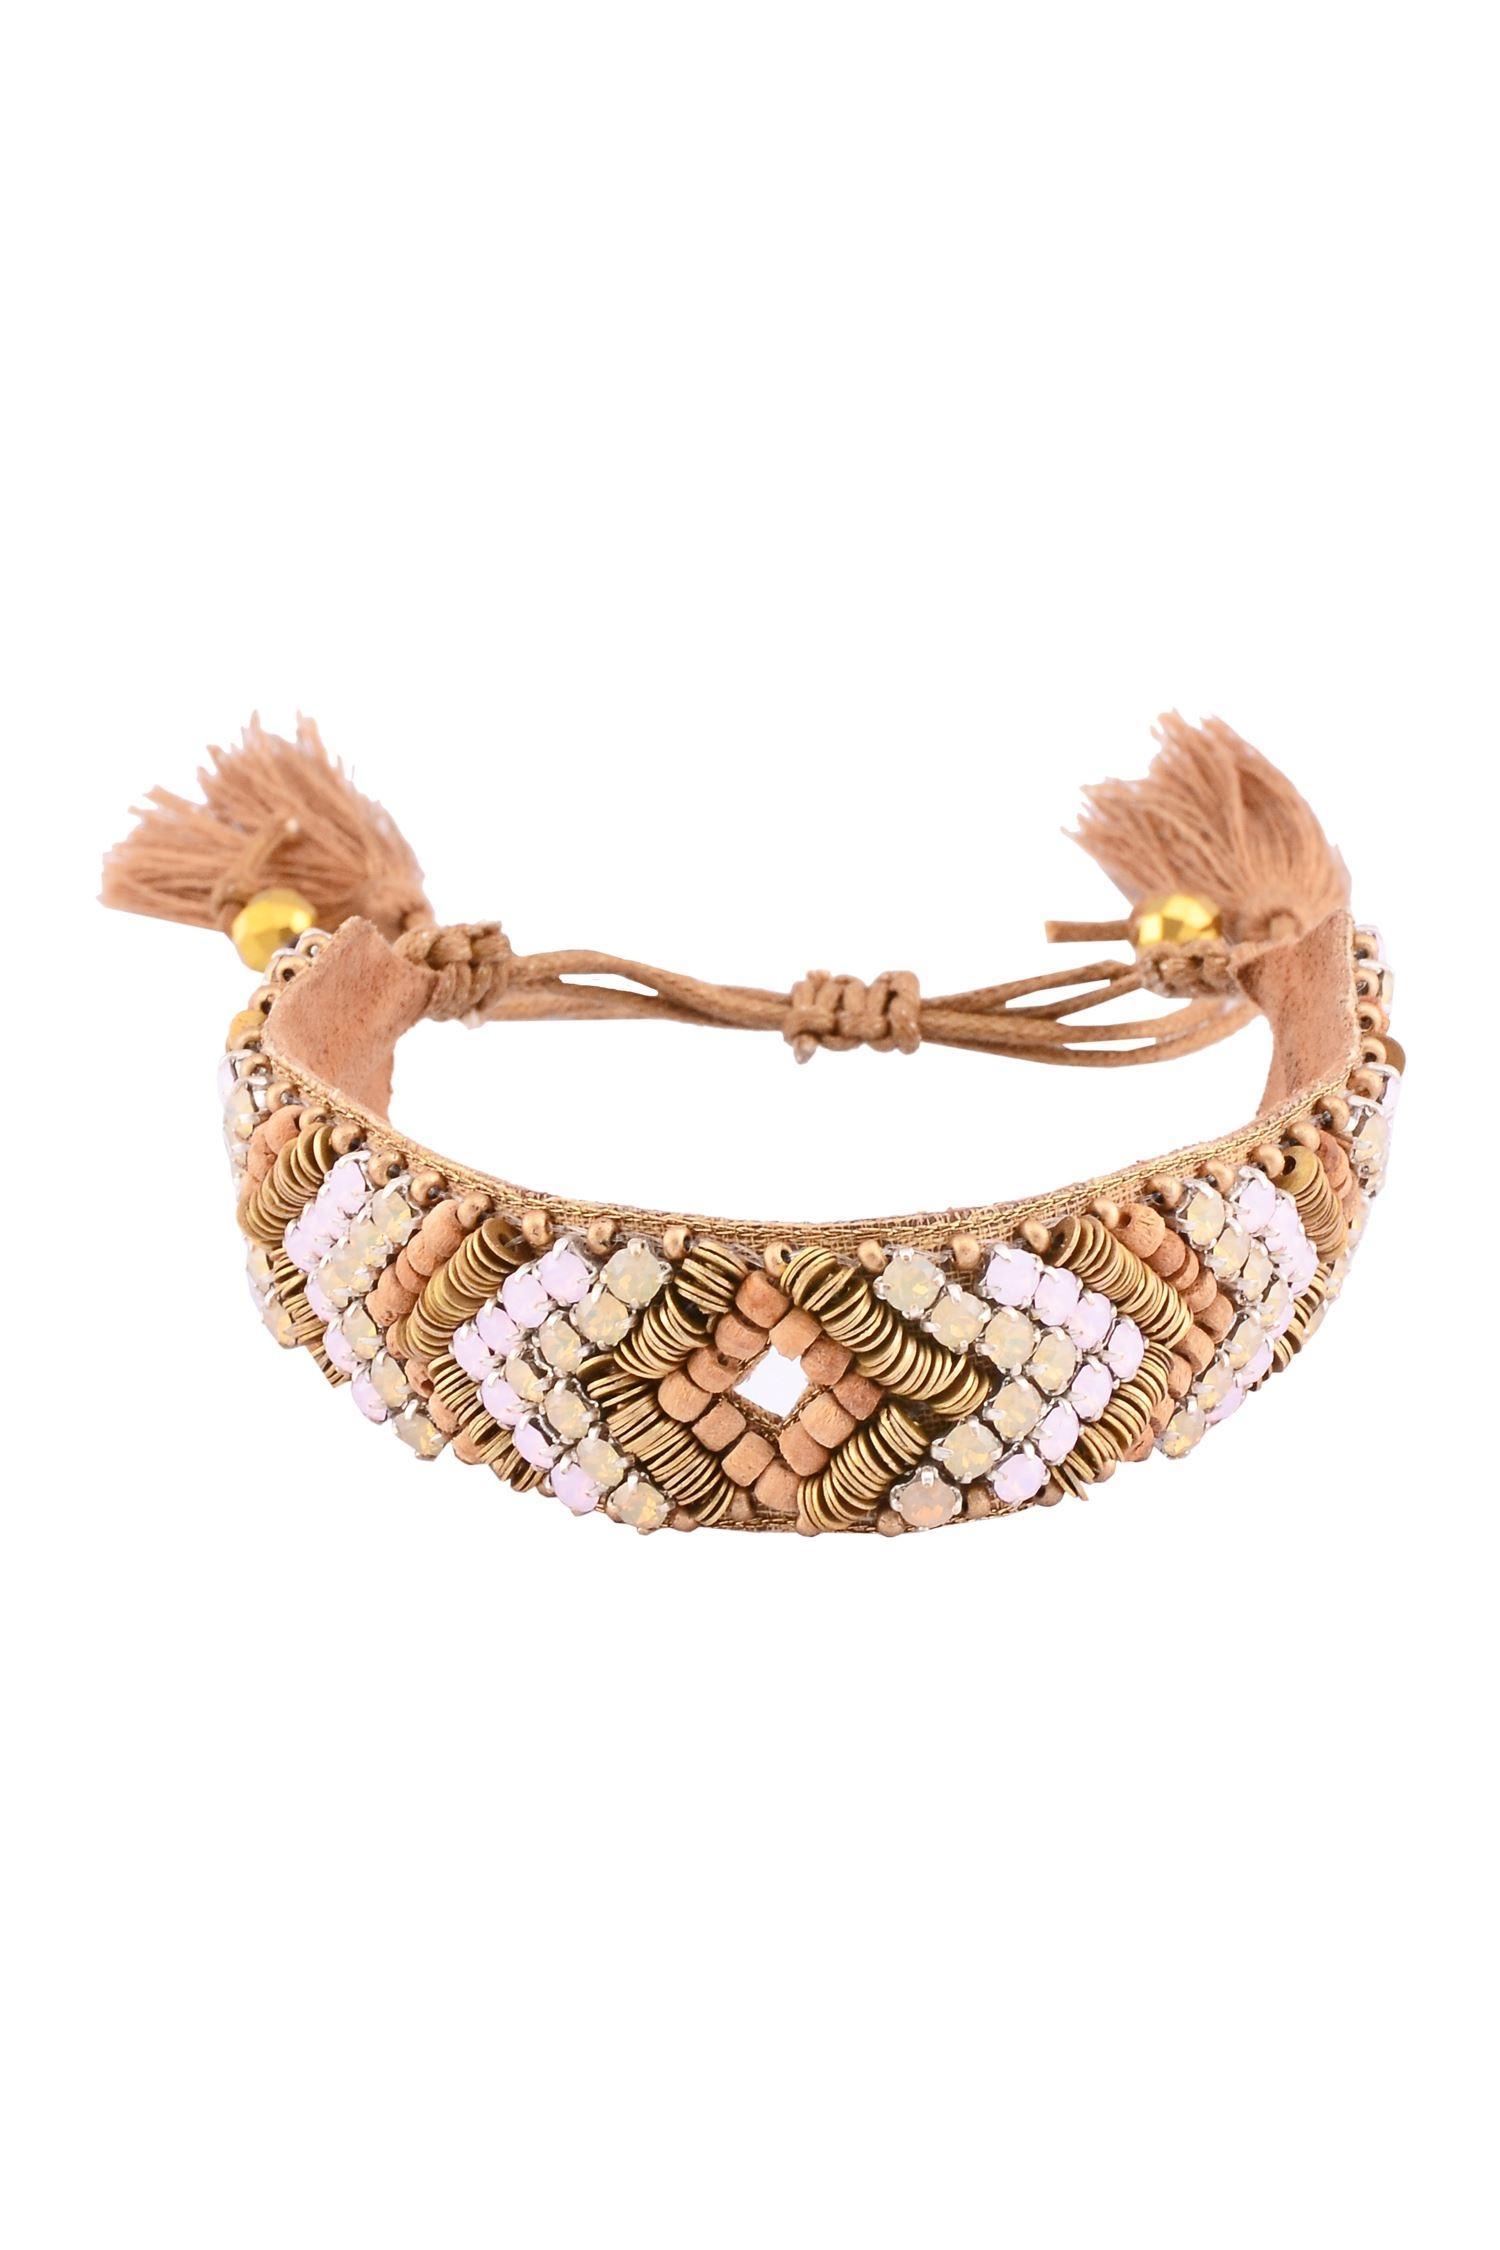 Deepa GurnaniRose pink, gold metal & white crystal bracelet